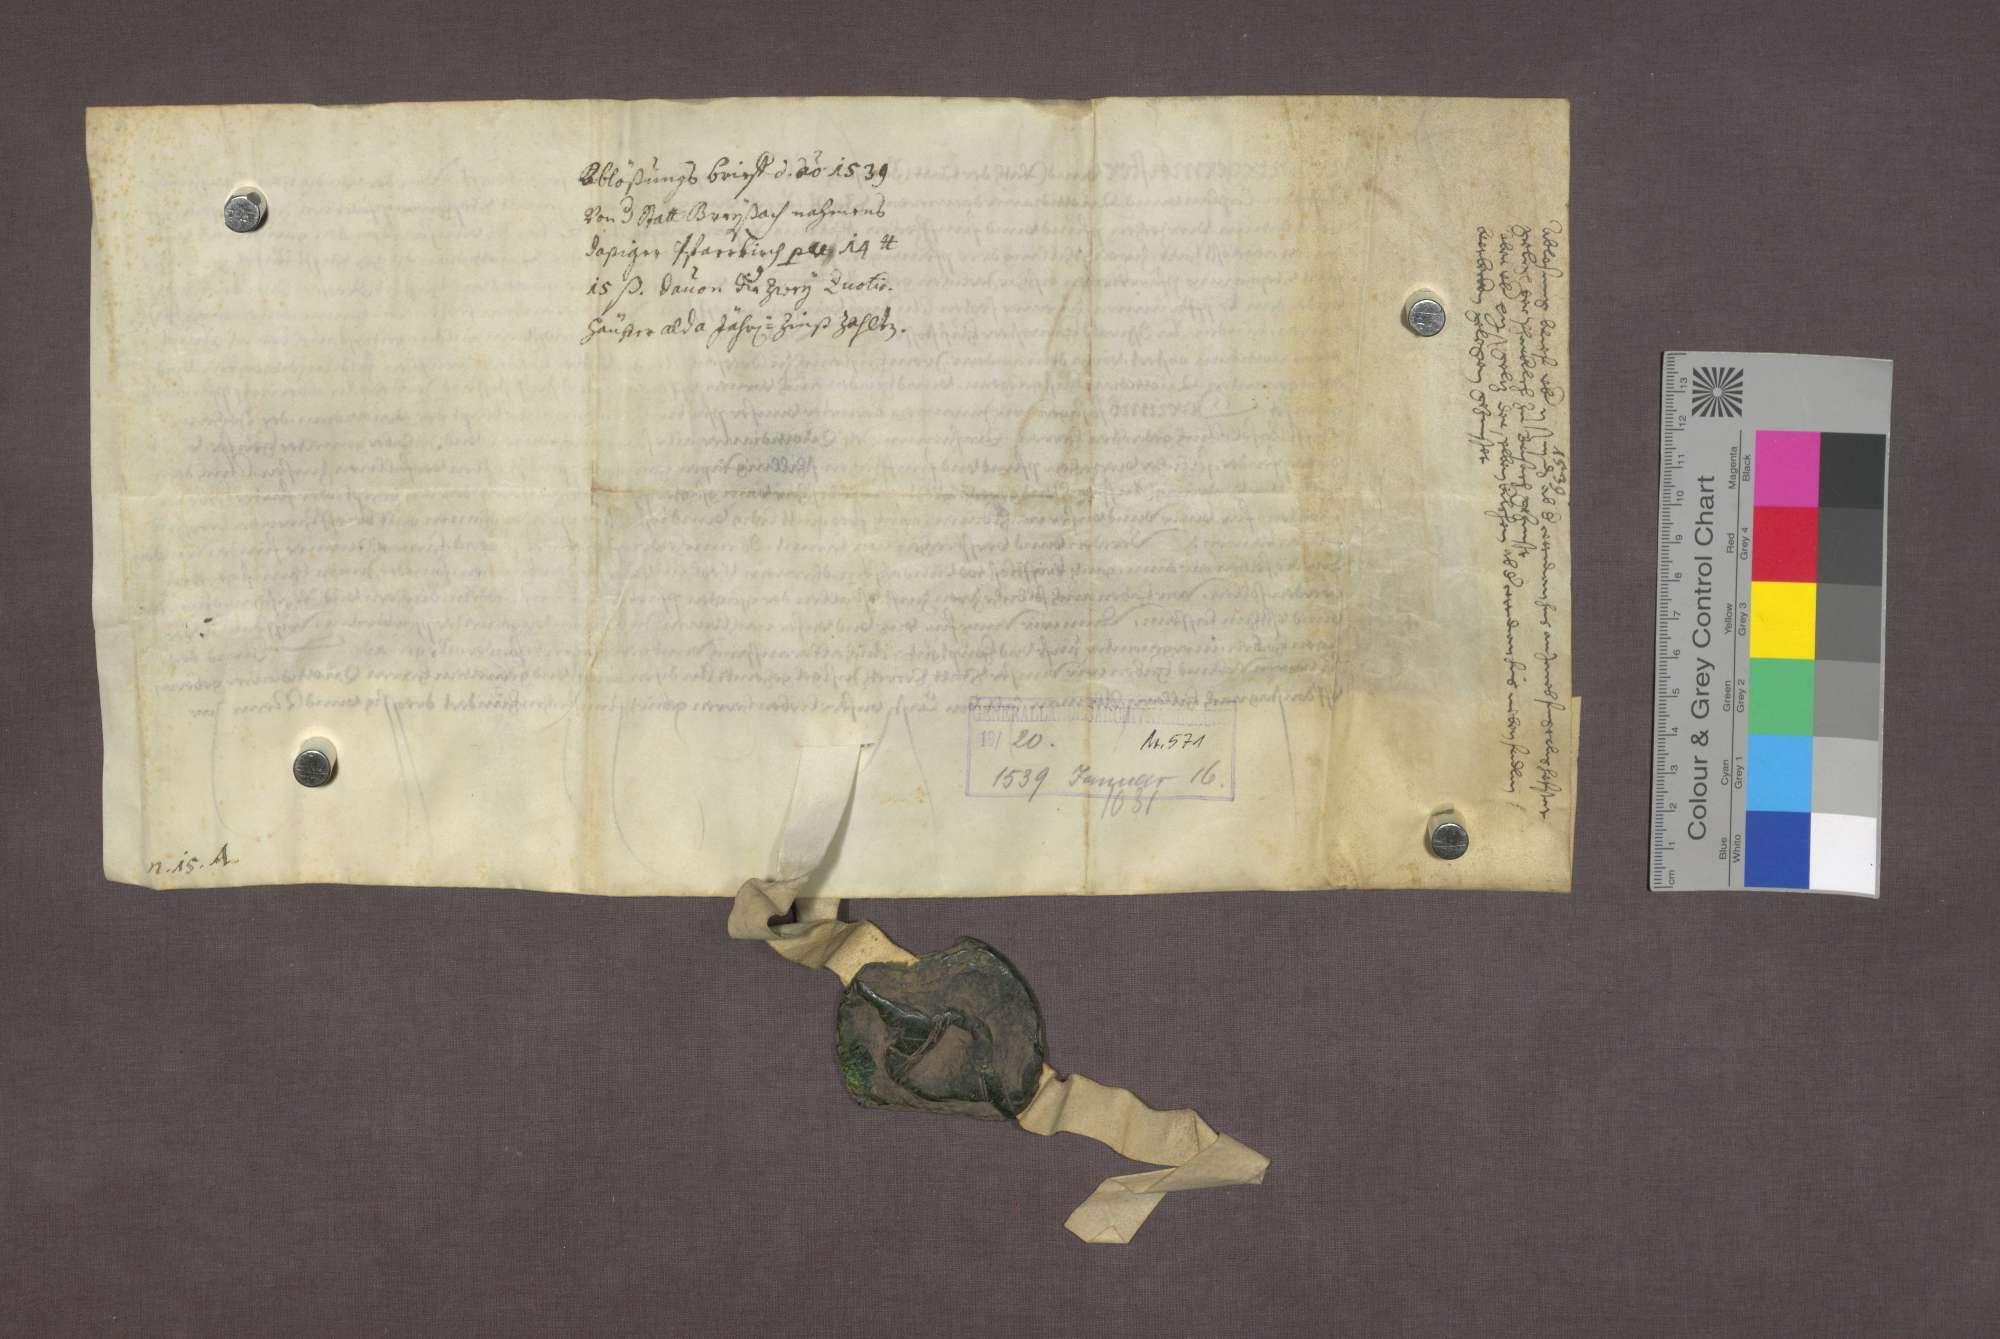 Bürgermeister und Rat zu Breisach bescheinigen der Cotidian zu Basel die Rückzahlung der Schuld auf einem Haus zu Breisach an die Pfarrkirche St. Stefan., Bild 2